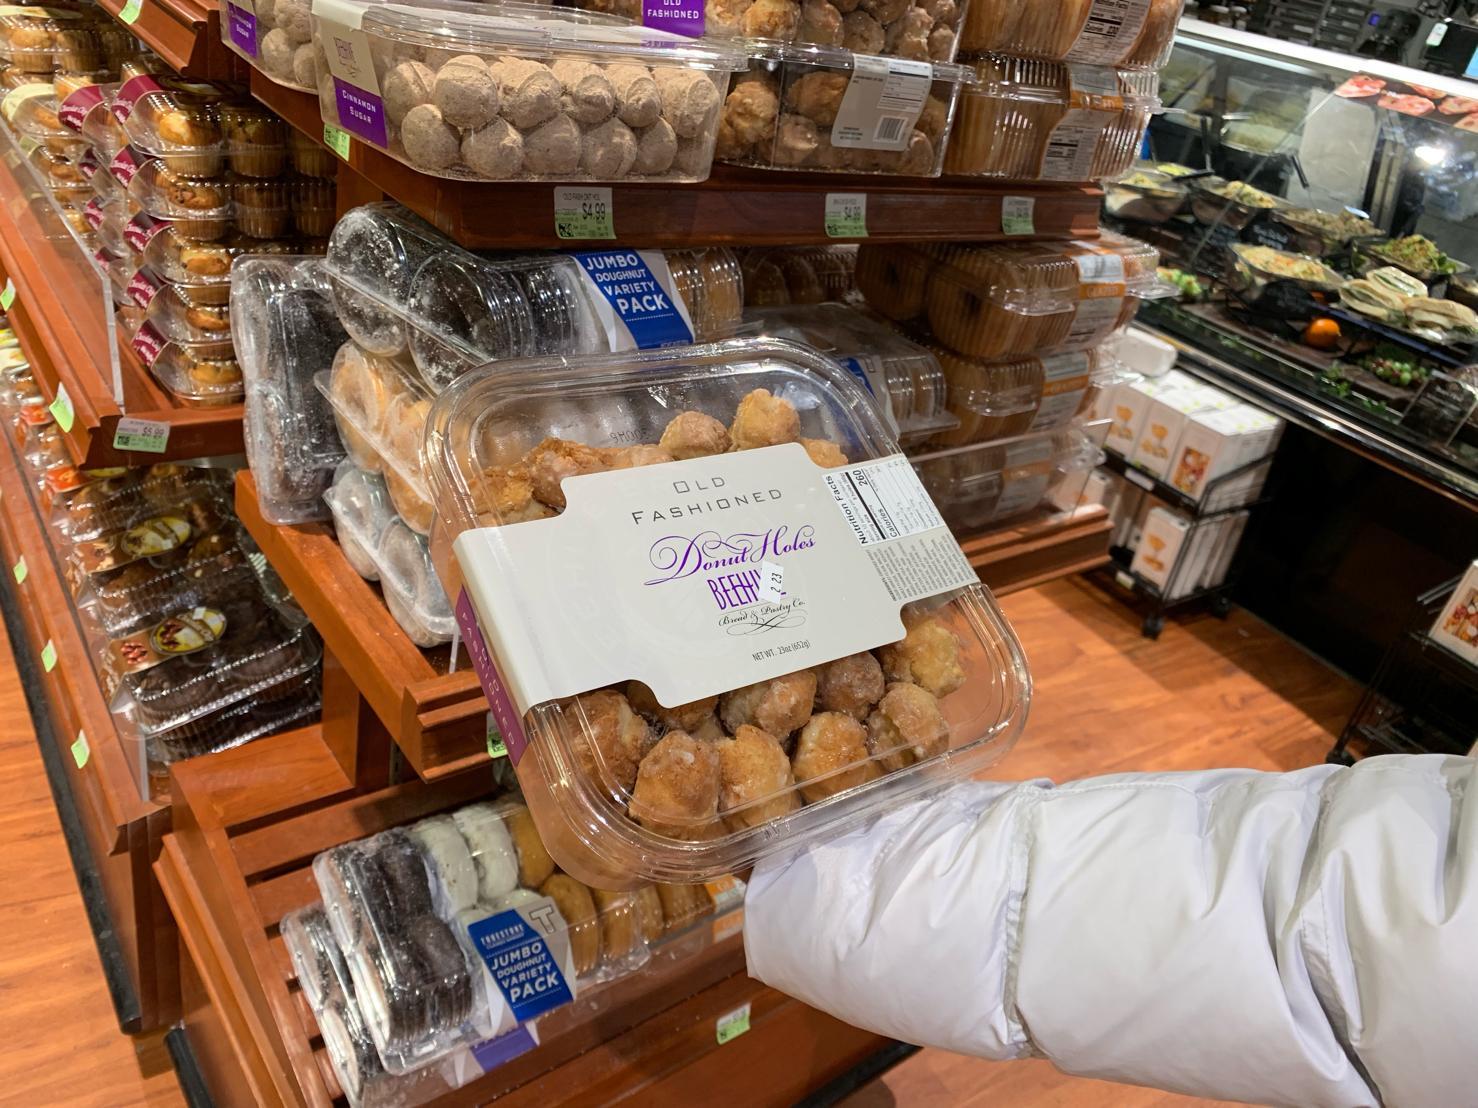 El Agujero del Donuts - Ignacio Isusi